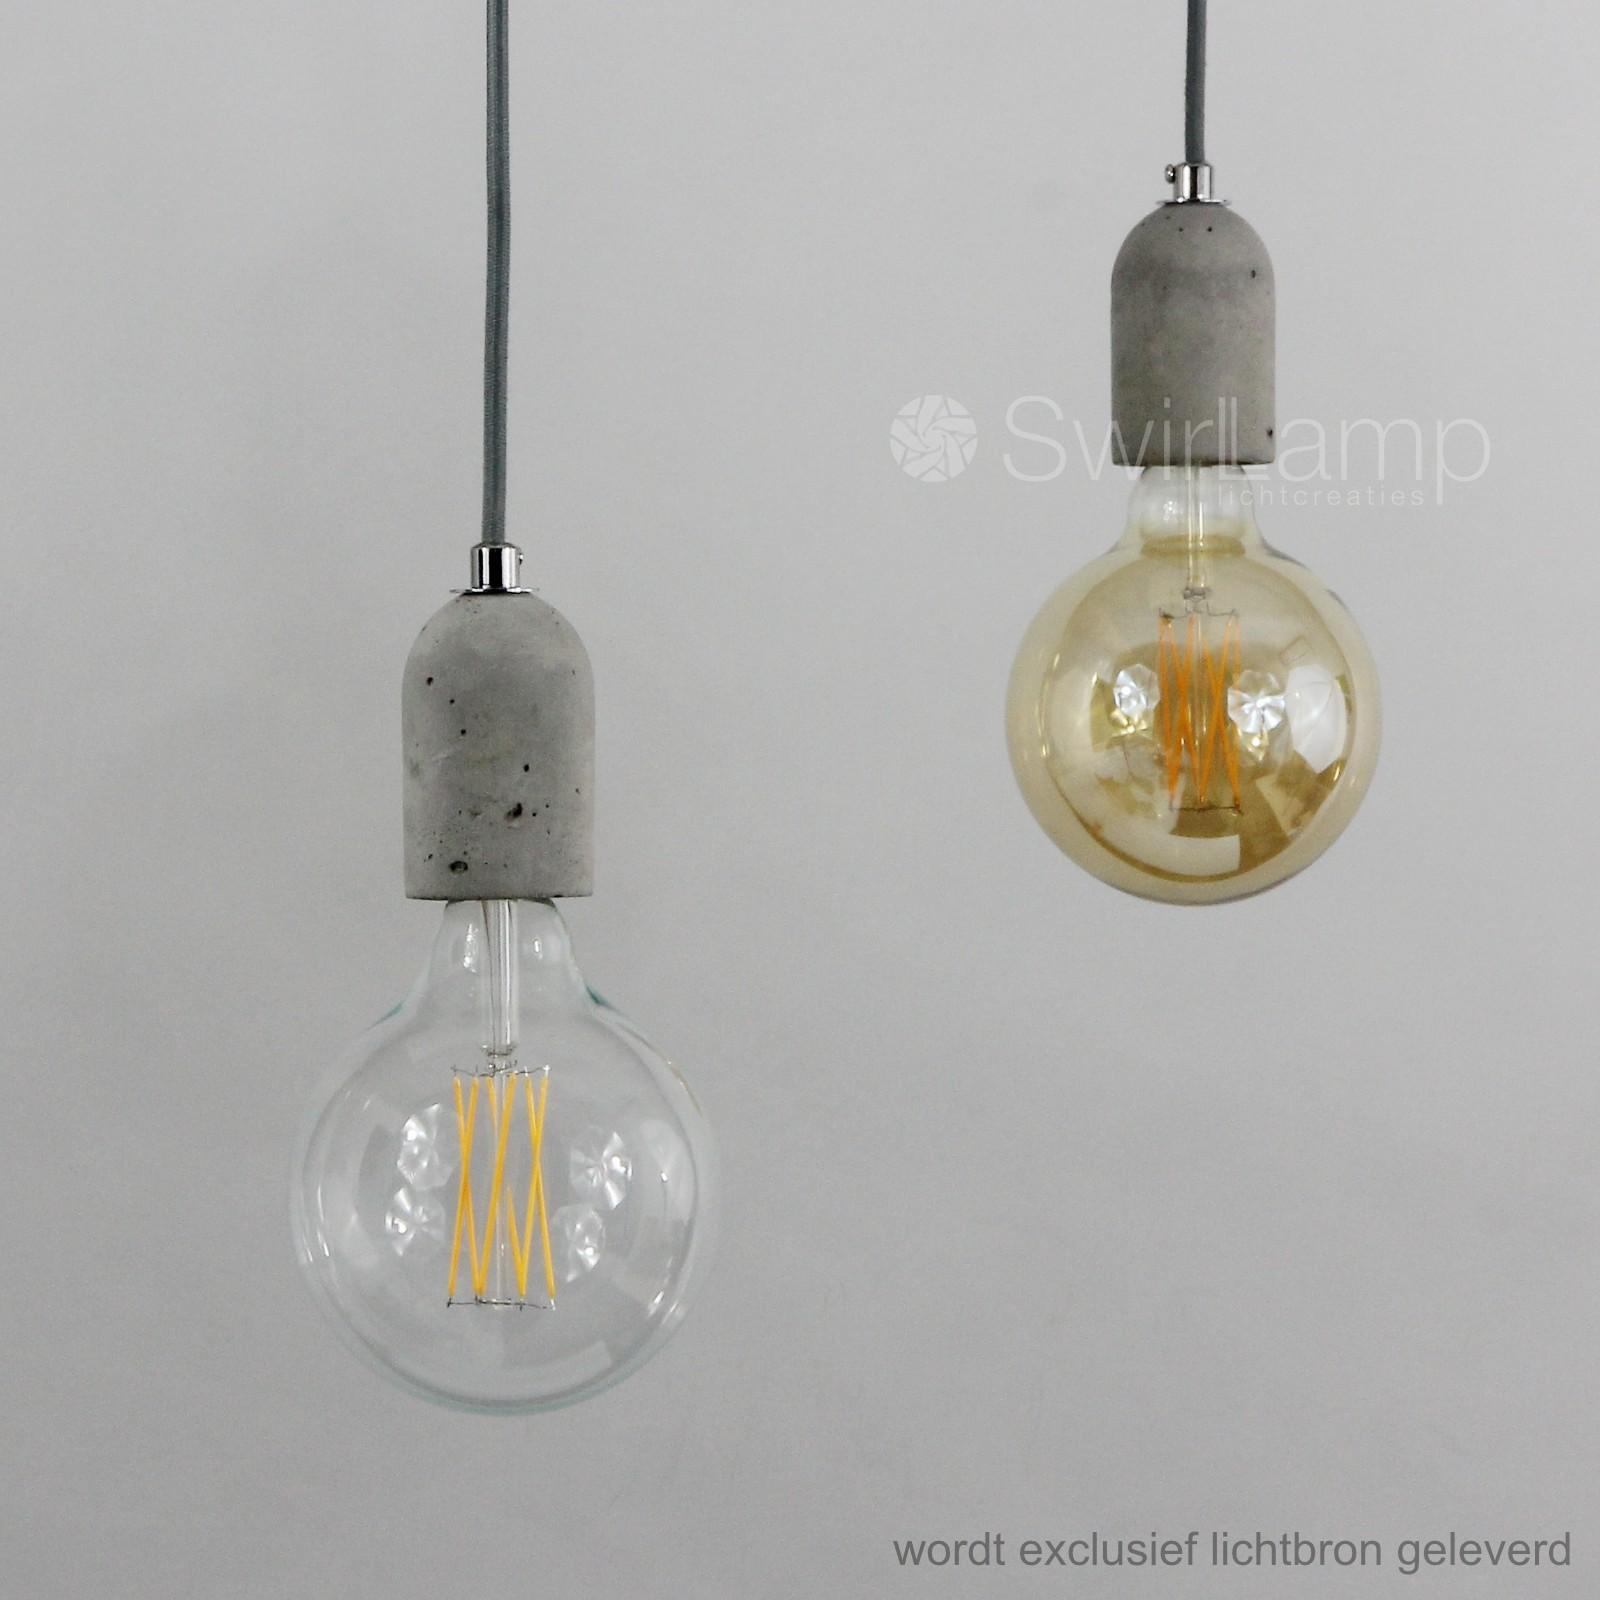 https://swirlamp.nl/458/hanglamp-cement-snoerpendel-beton-pendel-e27.jpg